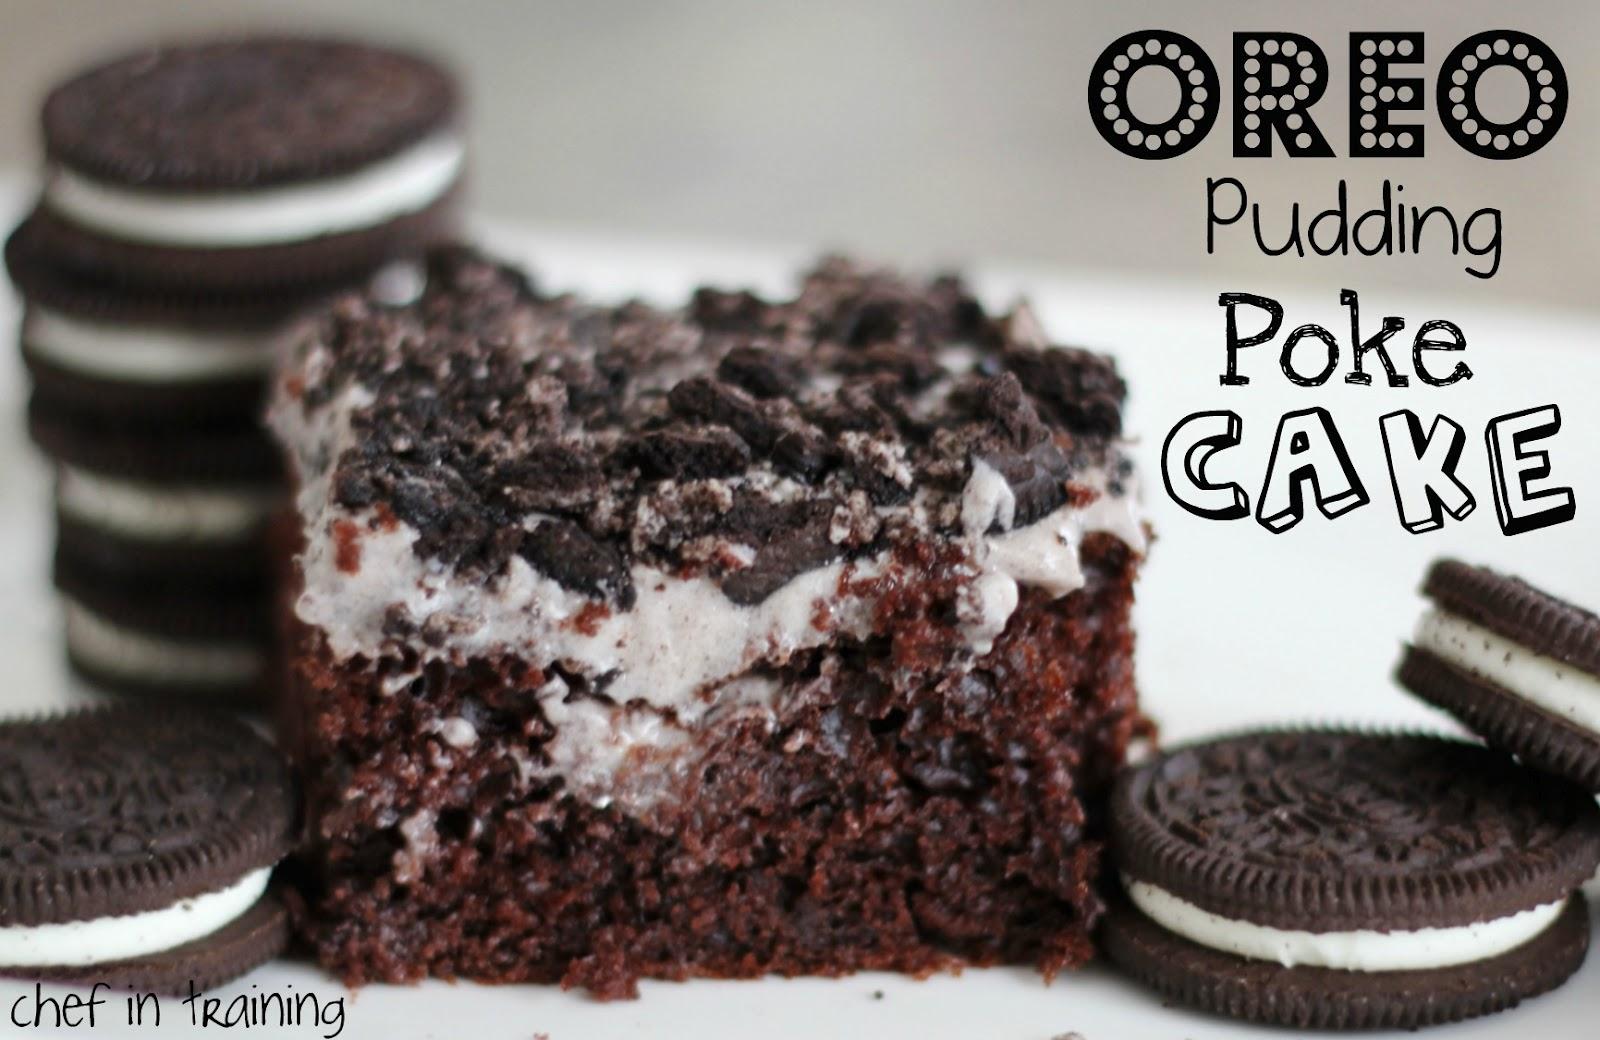 Jello Pudding Poke Cake Oreo Pudding Poke Cake